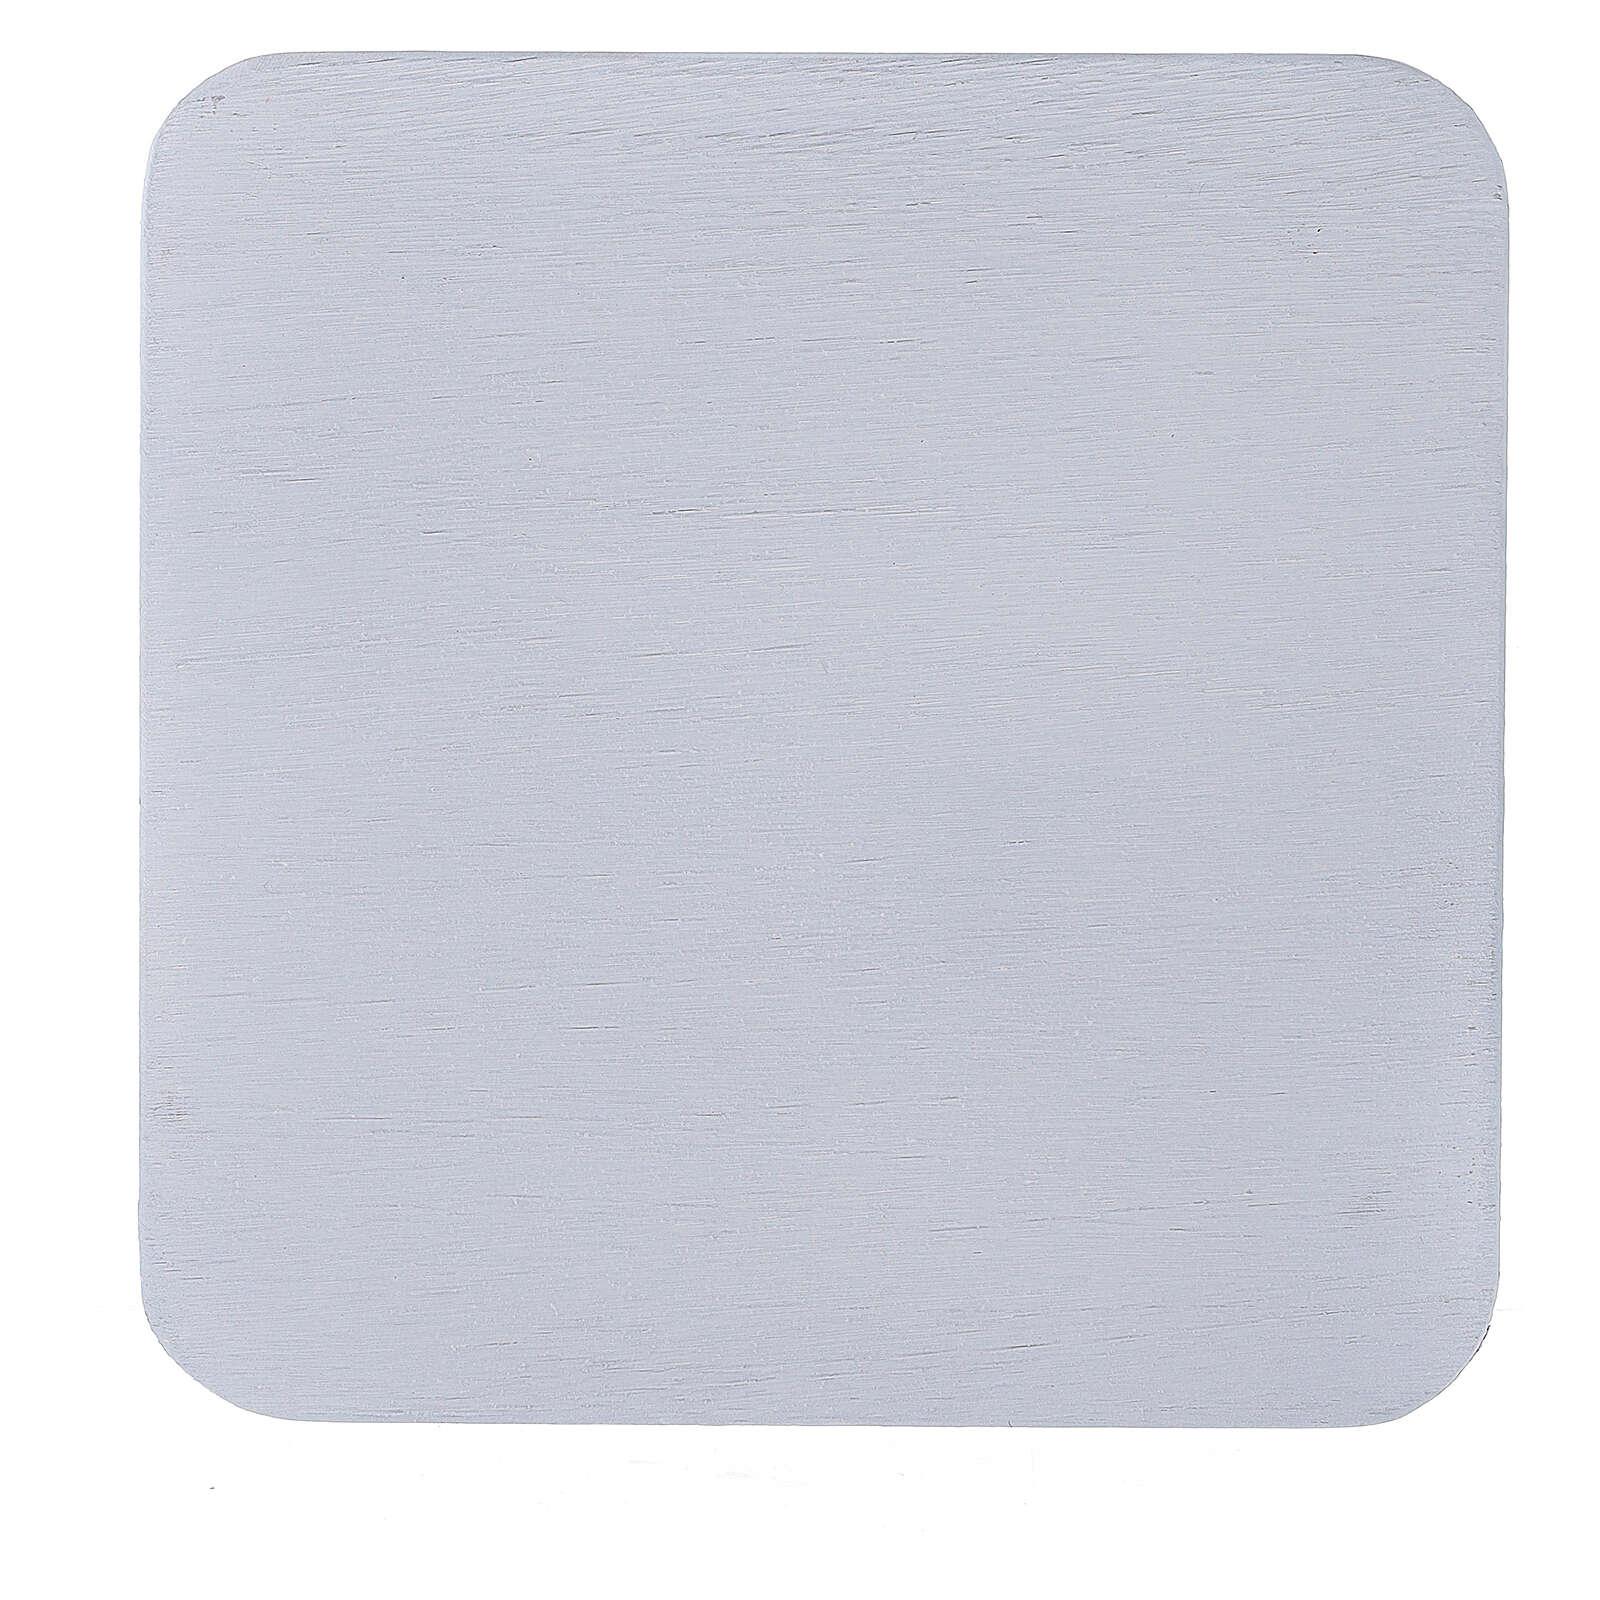 Plato portacirio cuadrado aluminio blanco 12x12 cm 3